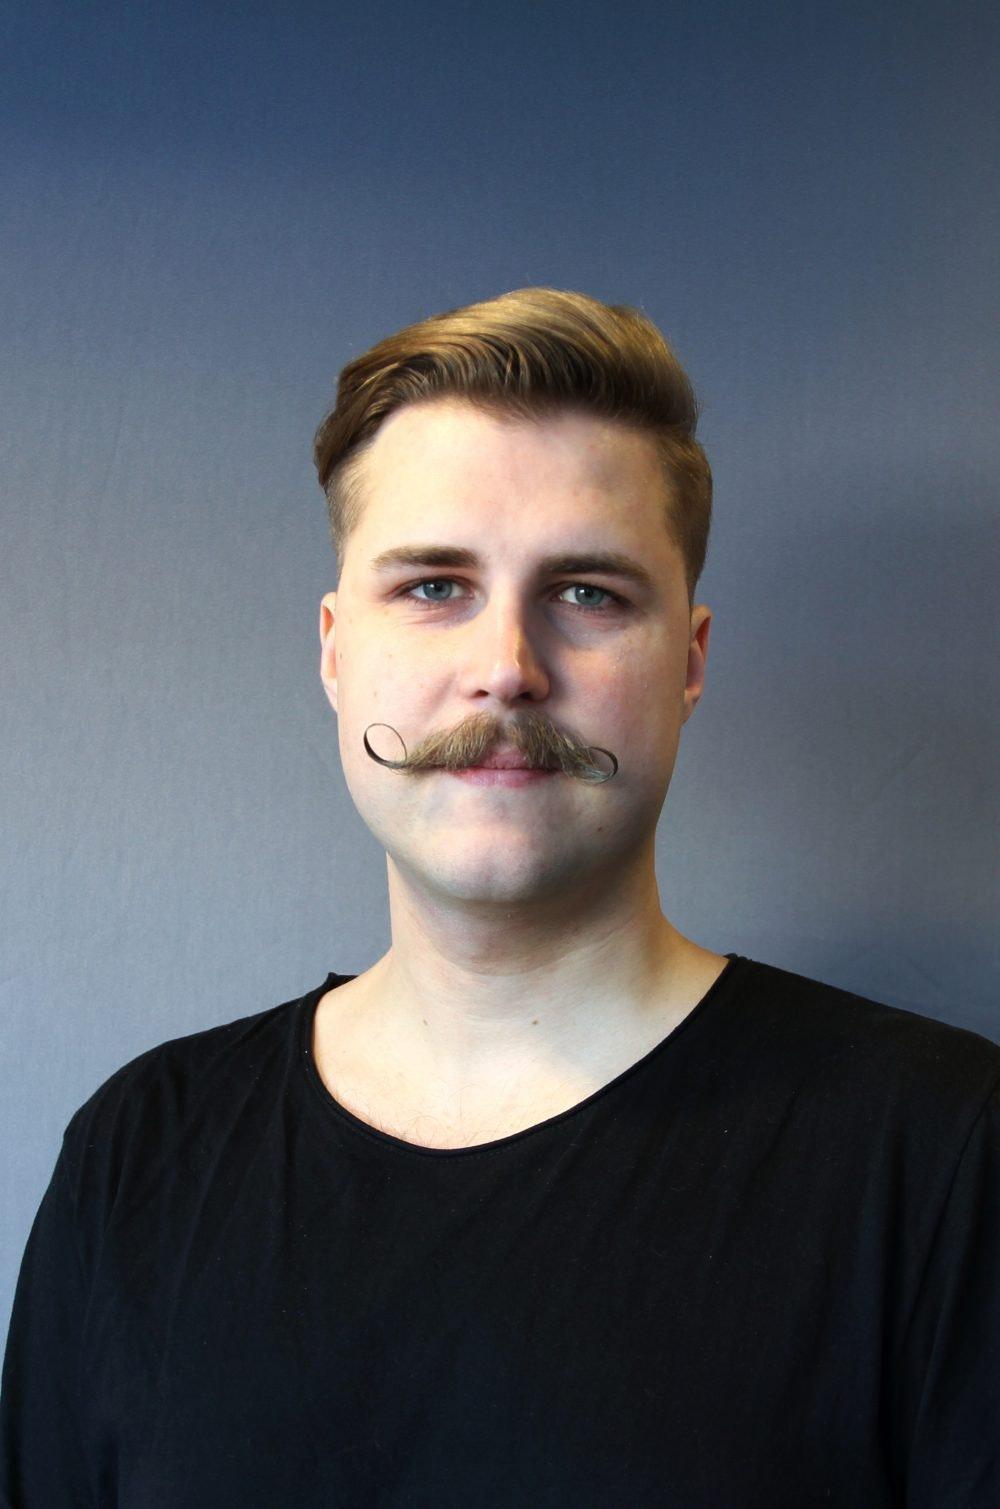 Kontakta Elias om du bor i Uppsala län